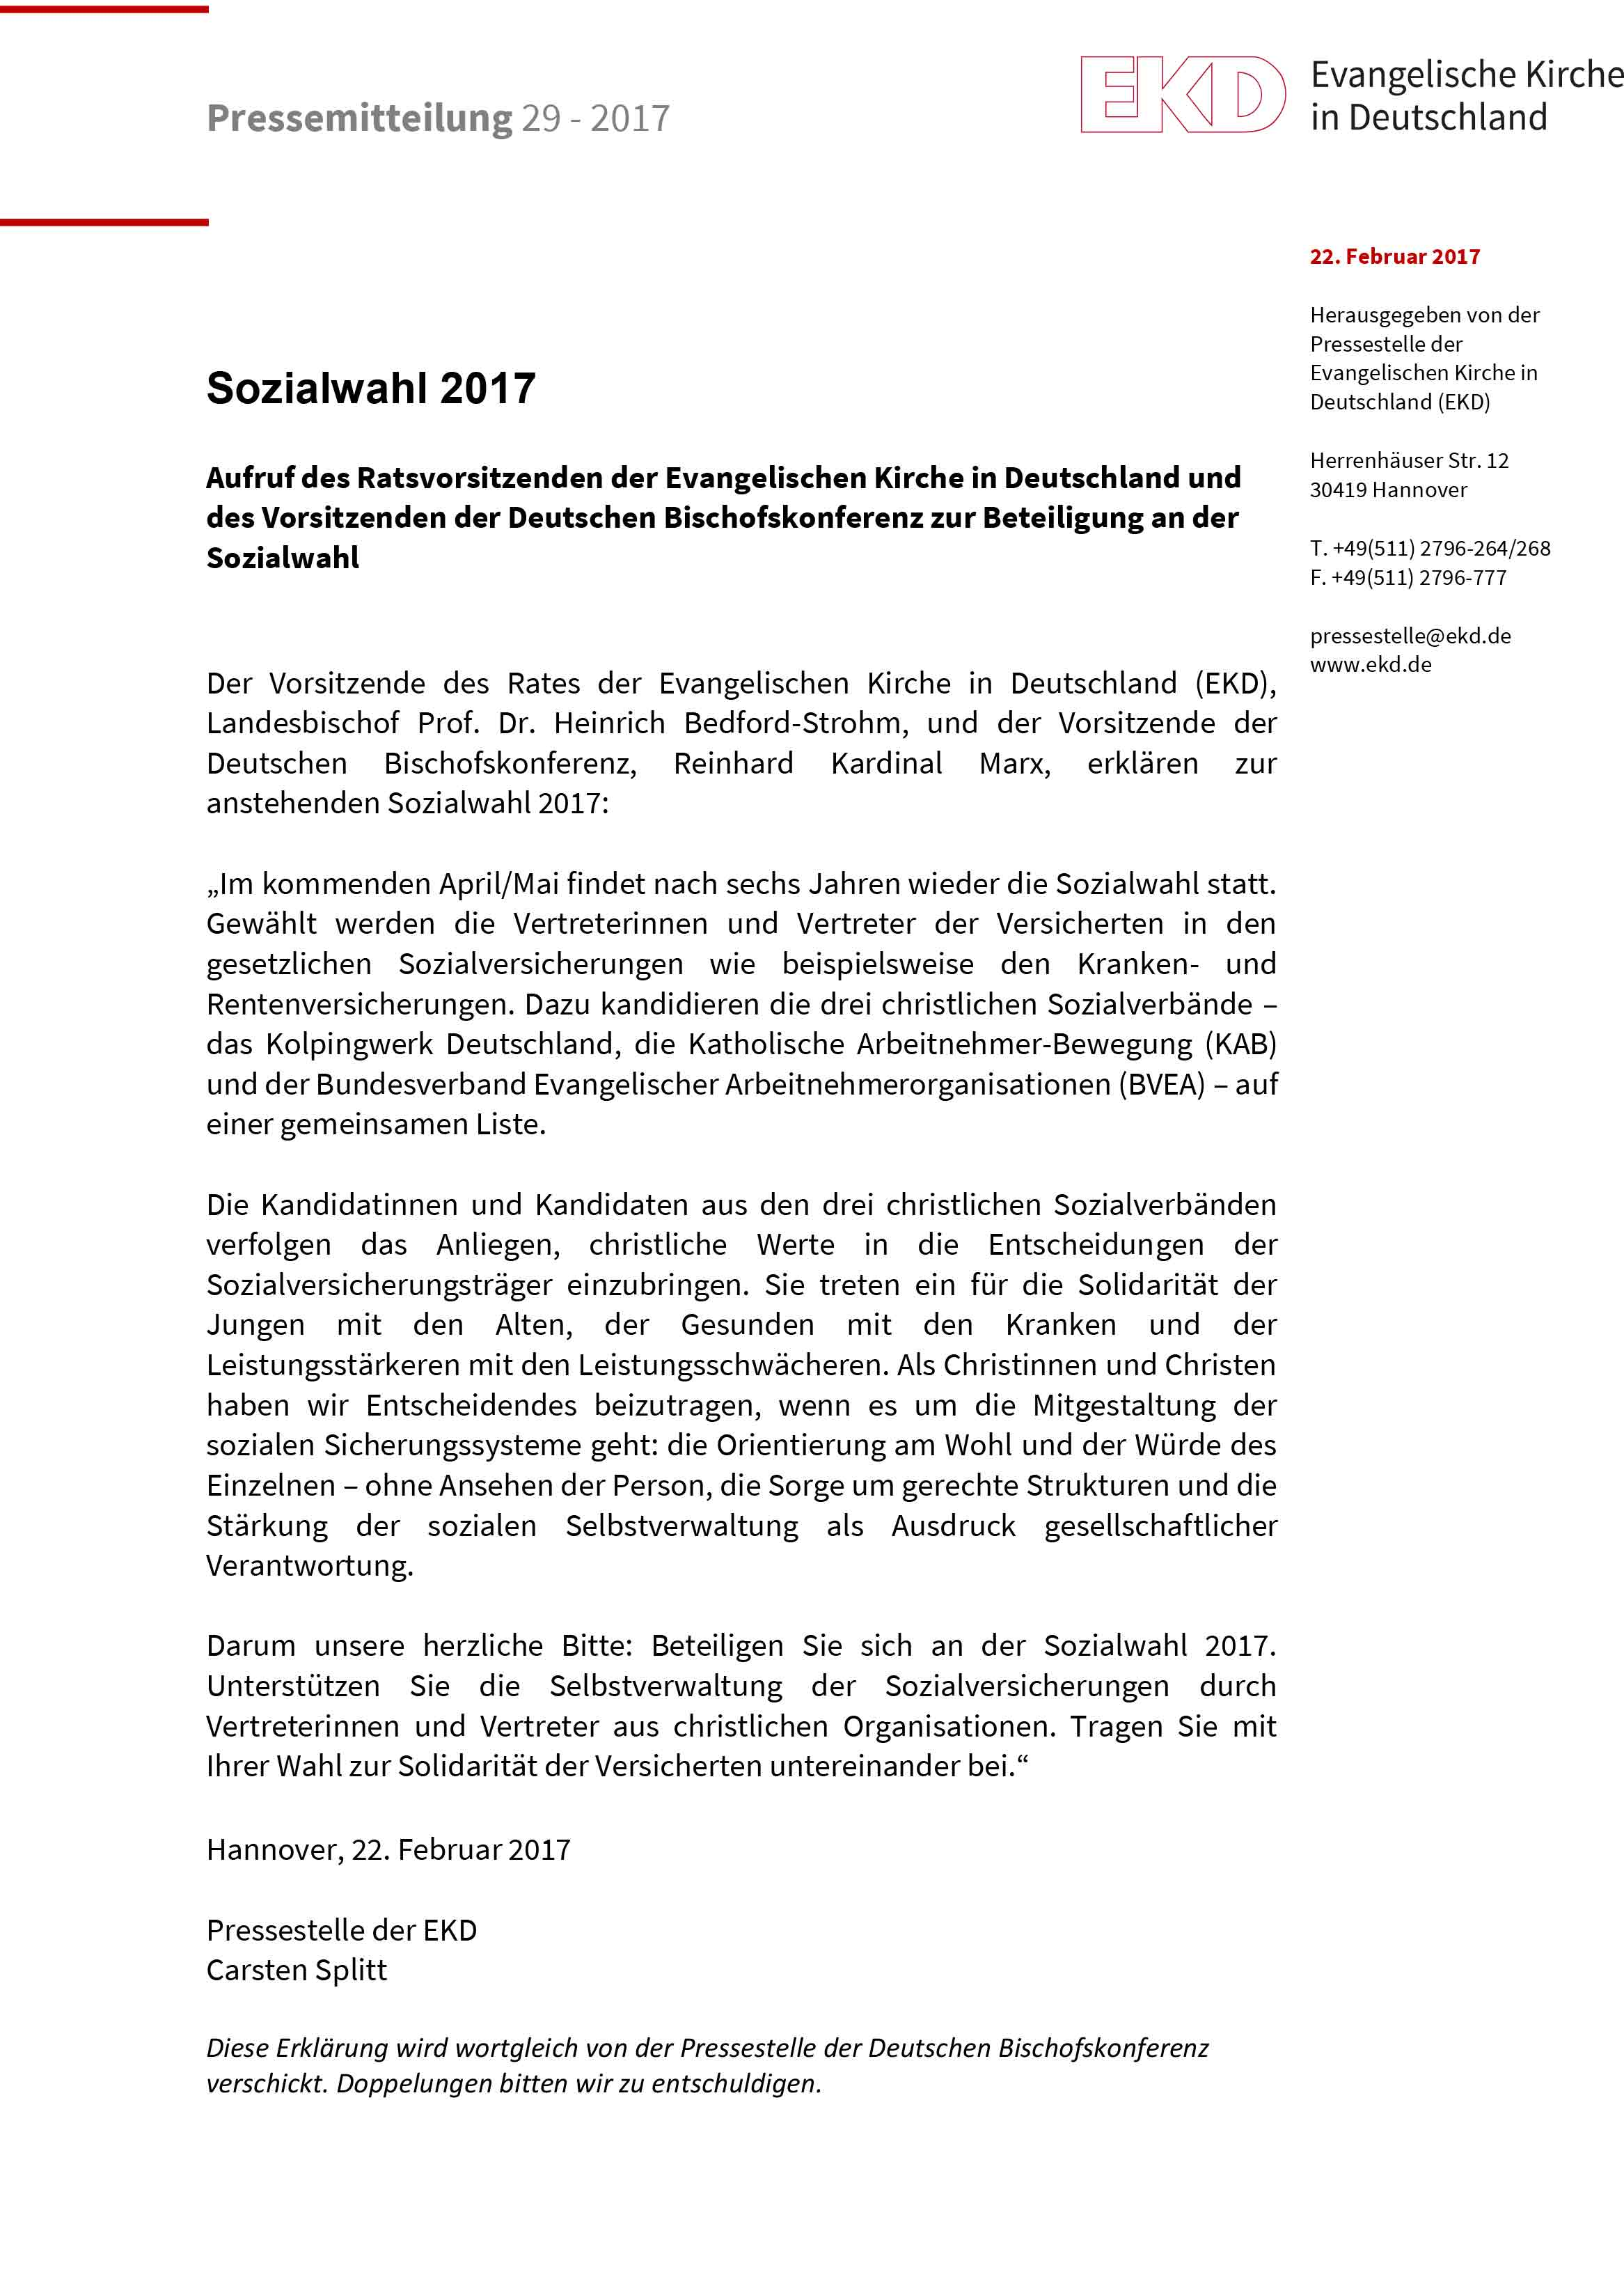 Aufruf-zur-Sozialwahl-2017